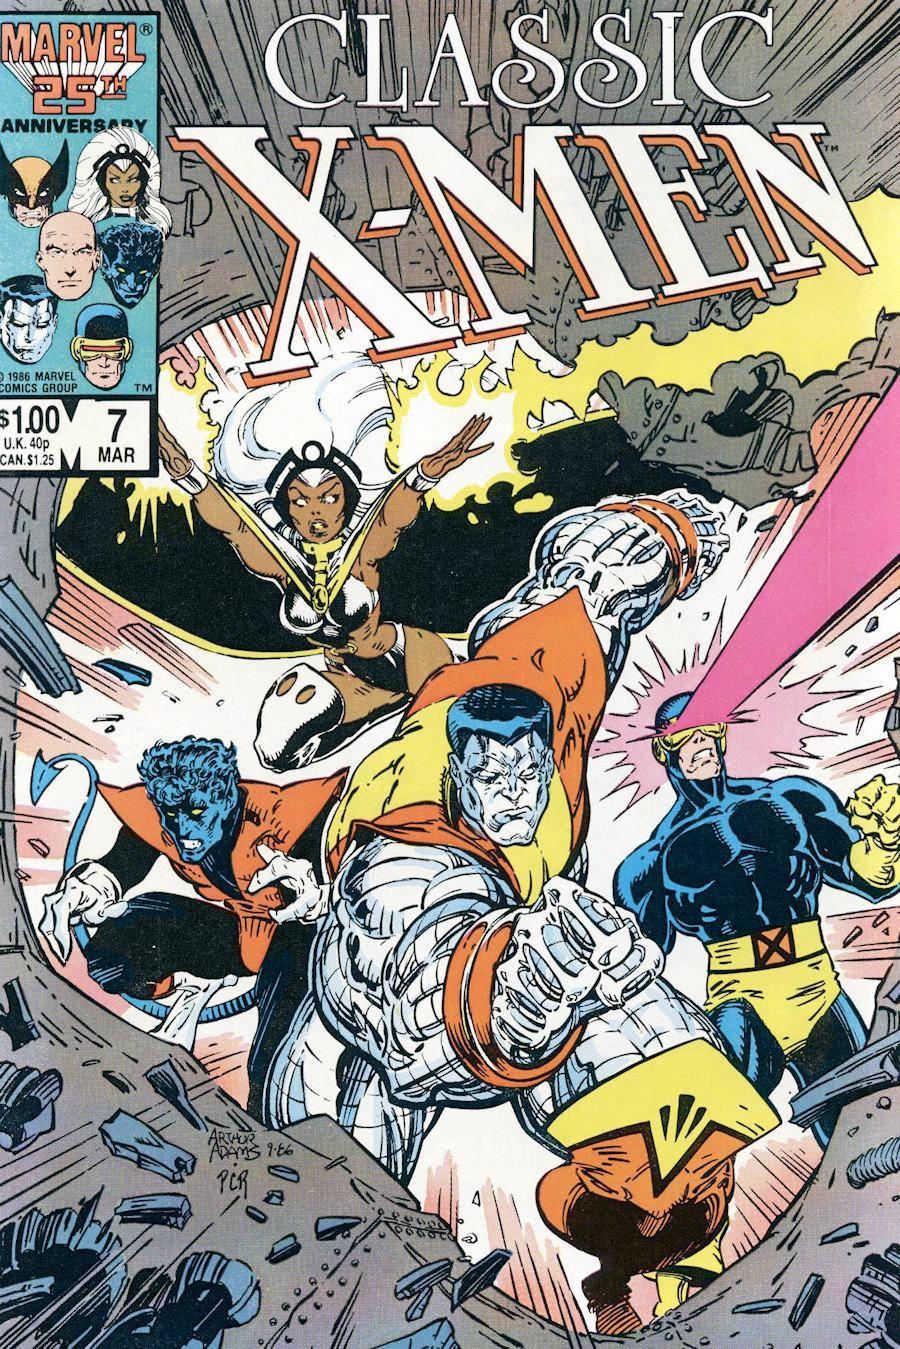 classic-x-men_007_vol1986_marvel_comiclash